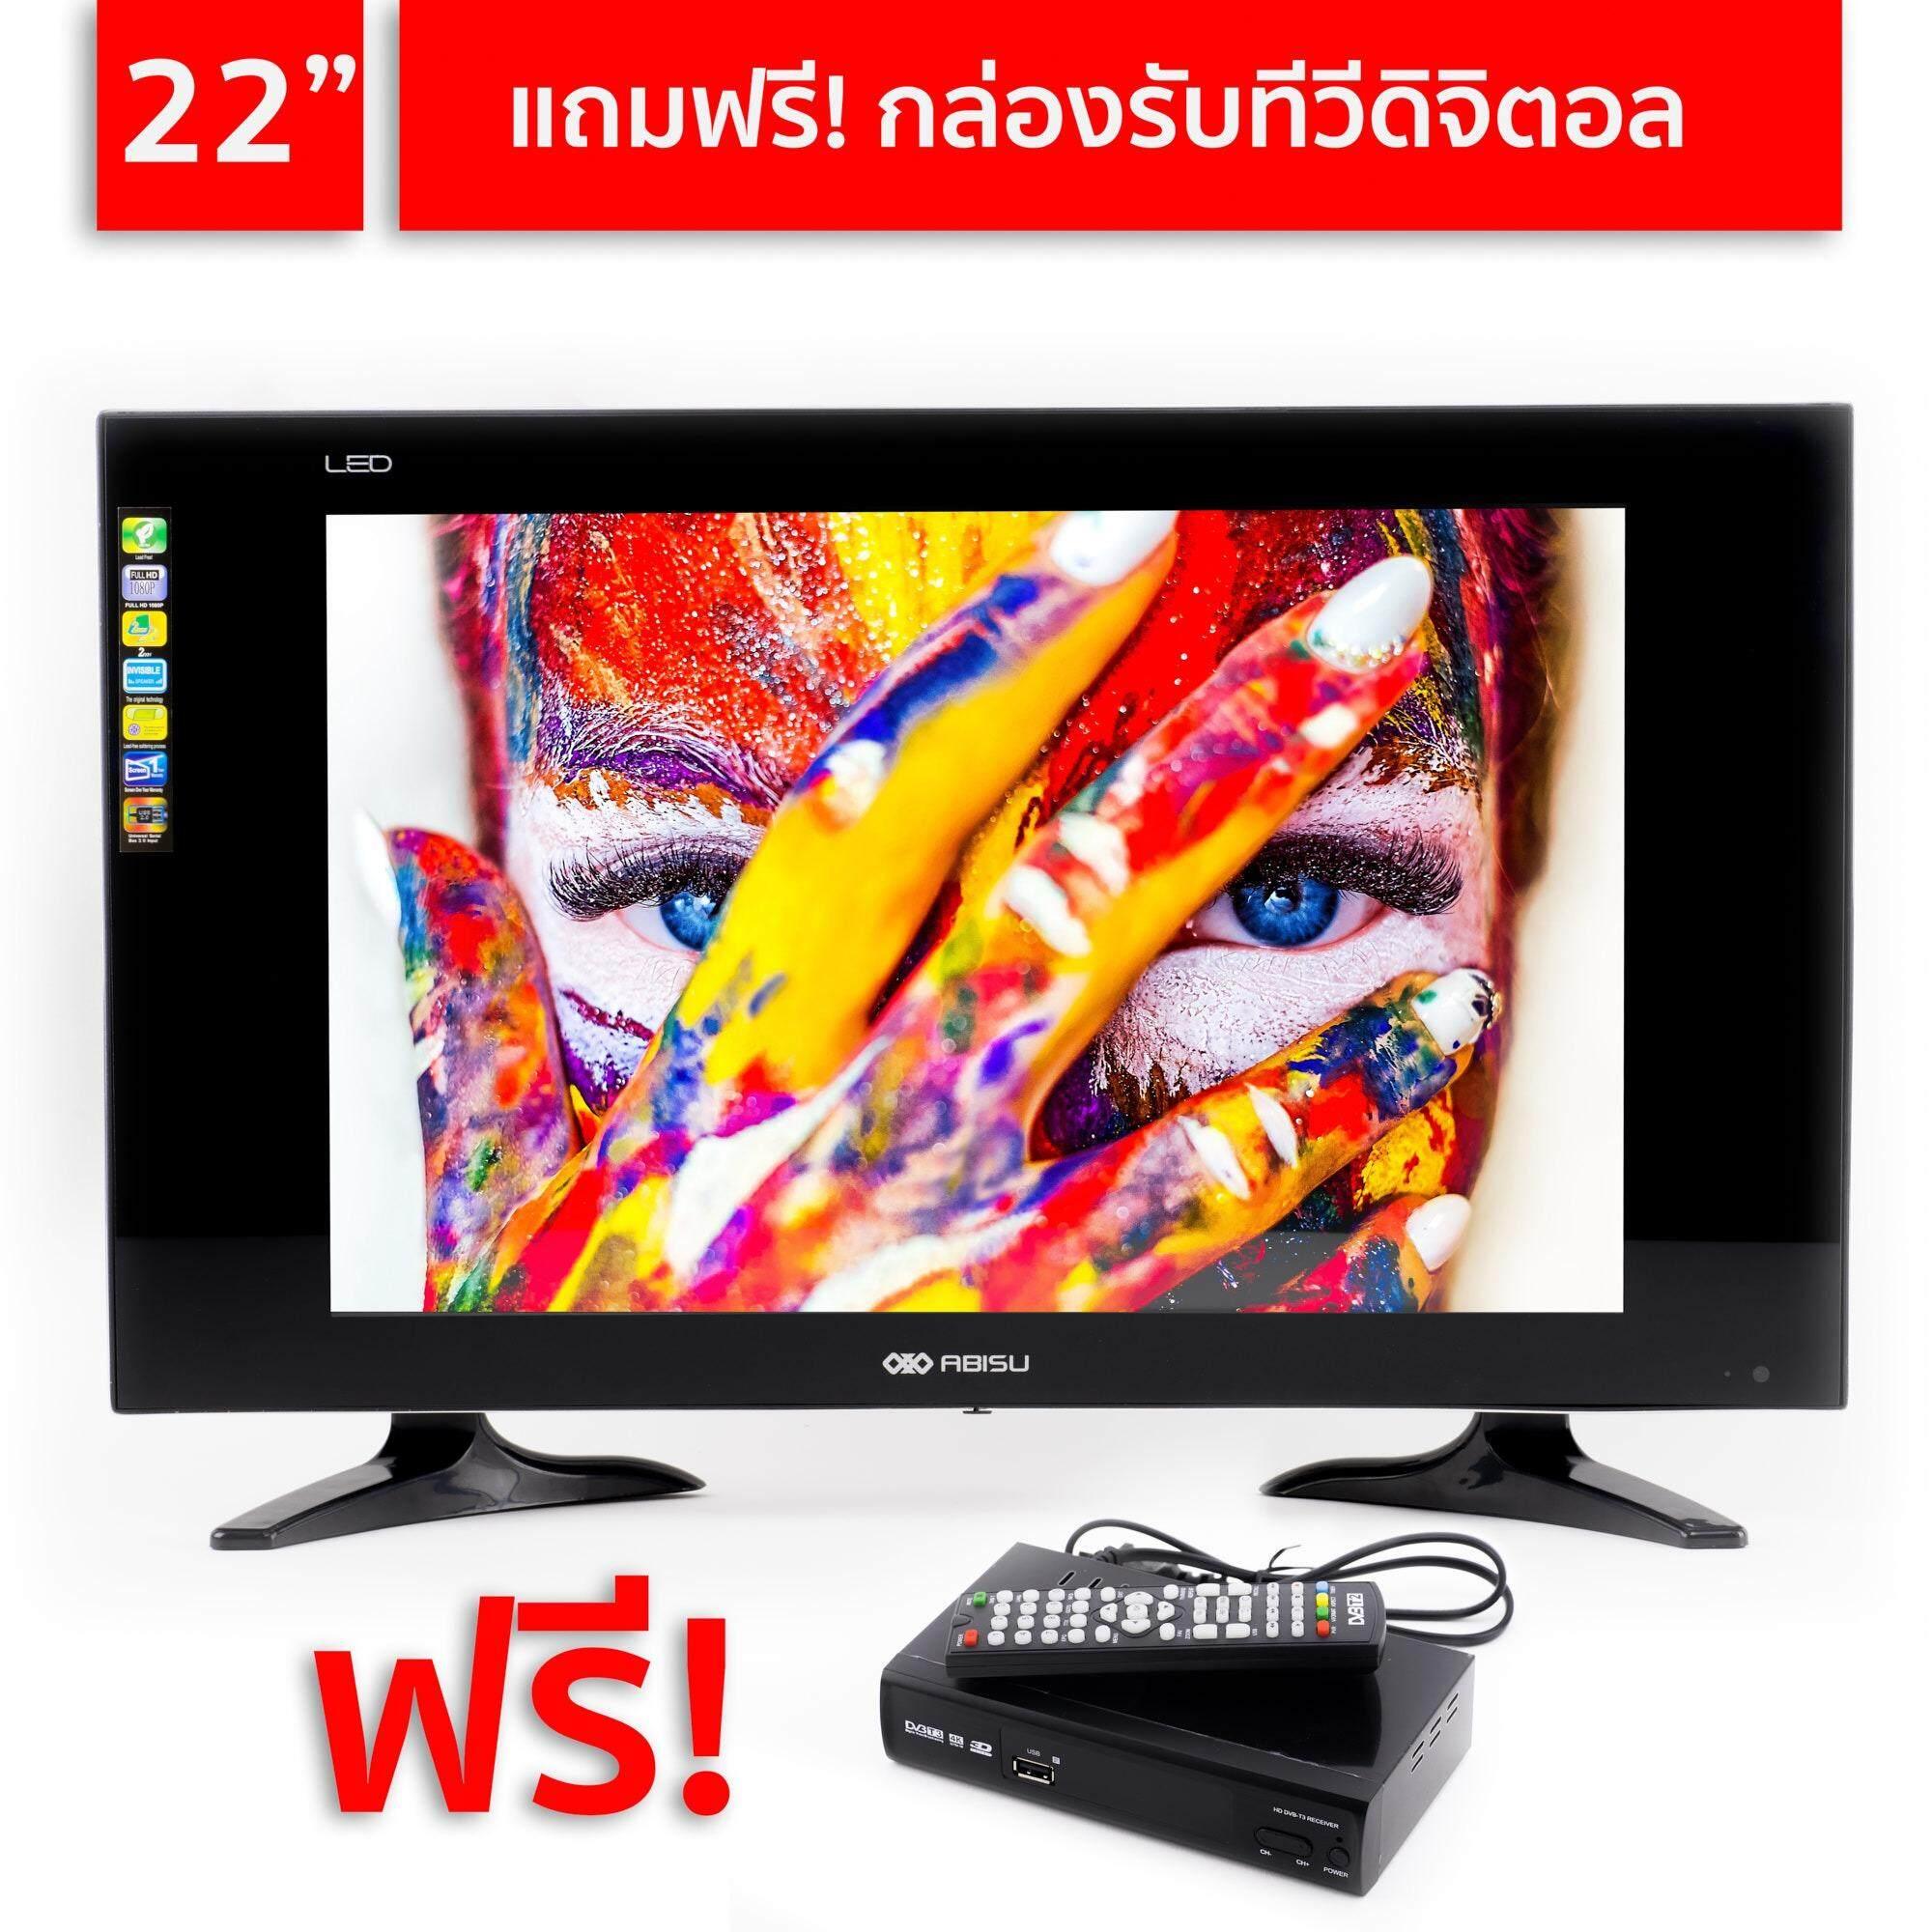 ซื้อ Abisu Led Tv 22 Curved Design ราคาพิเศษ พร้อมกล่องรับสัญญาณทีวีช่องดิจิตอล มูลค่า 690 บาท Abisu ออนไลน์